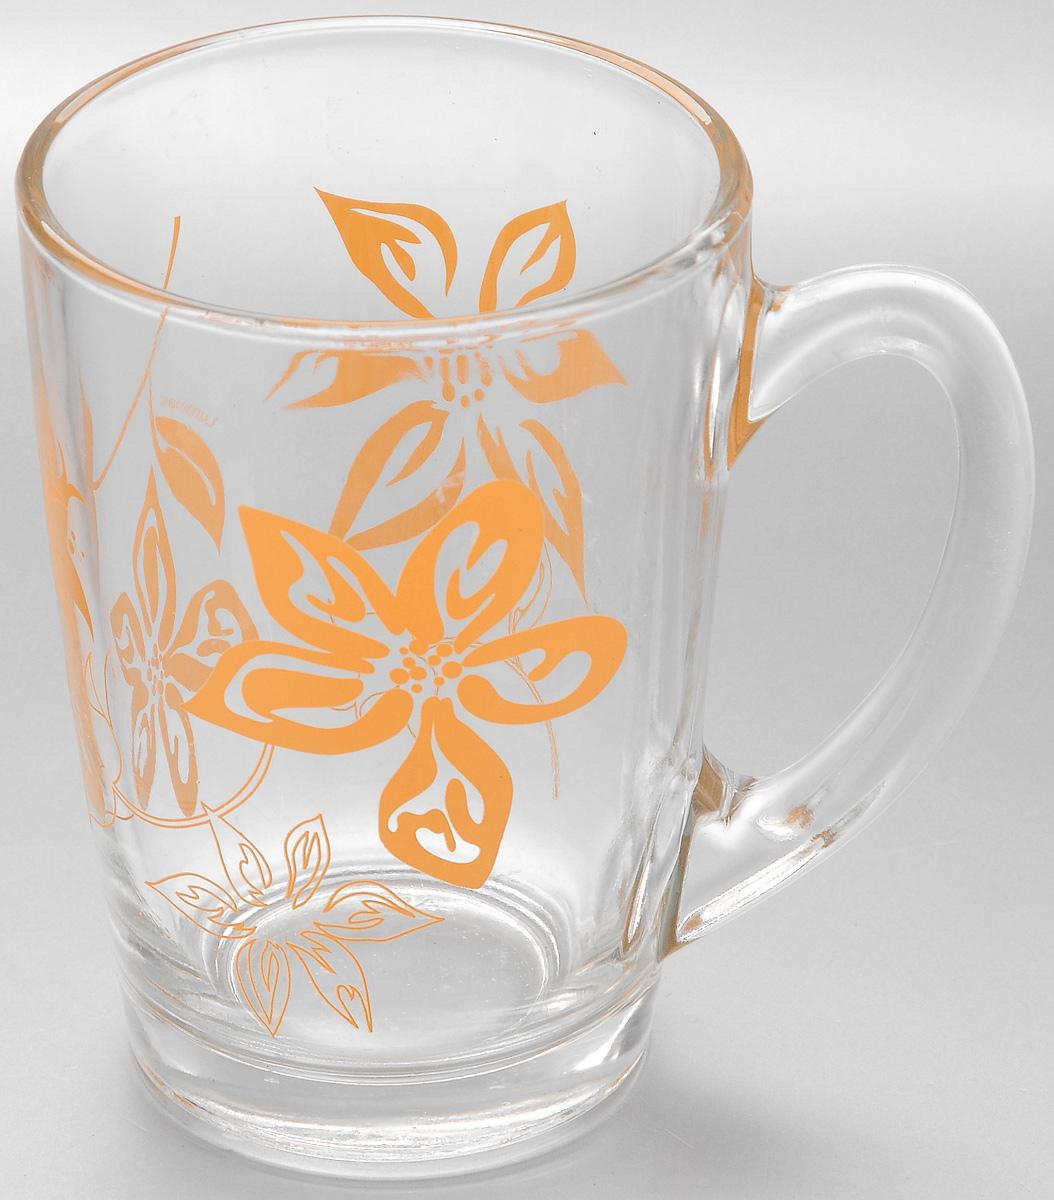 Кружка Luminarc Lily Flower, 320 млJ8_Lily FlowerКружка Luminarc Lily Flower изготовлена из упрочненного стекла. Такая кружка прекрасно подойдет для горячих и холодных напитков. Она дополнит коллекцию вашей кухонной посуды и будет служить долгие годы. Диаметр кружки (по верхнему краю): 8 см.